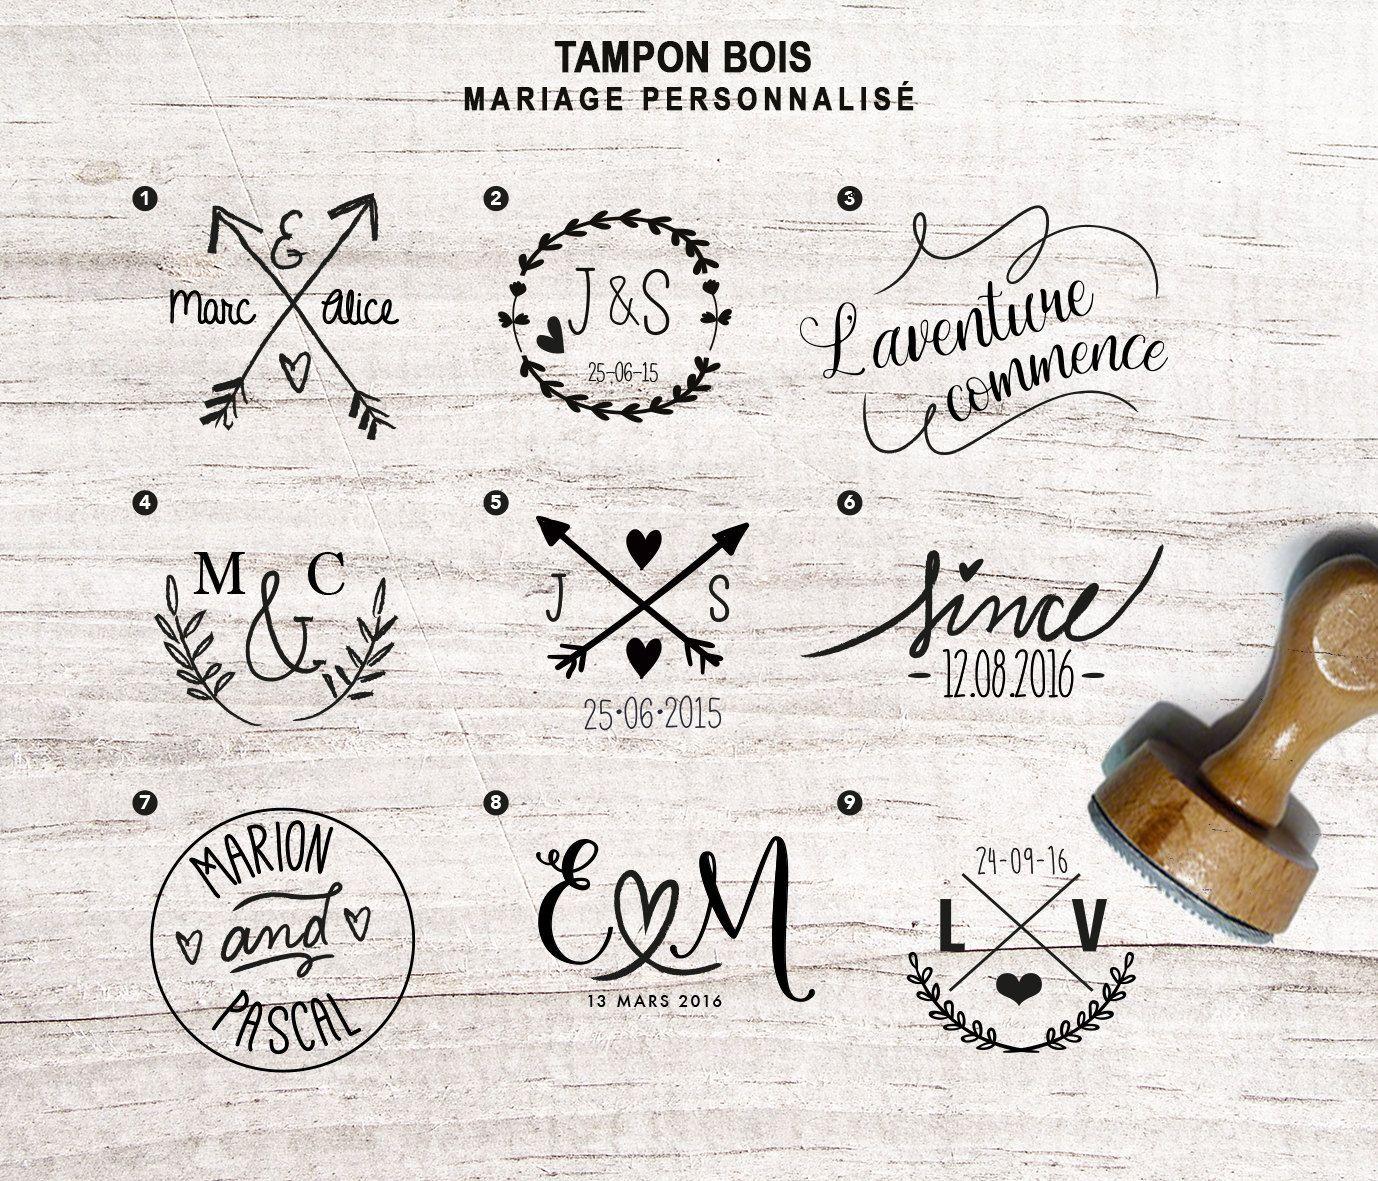 Bien-aimé Tampon bois personnalisé mariage de la boutique latelierinspire  JJ71